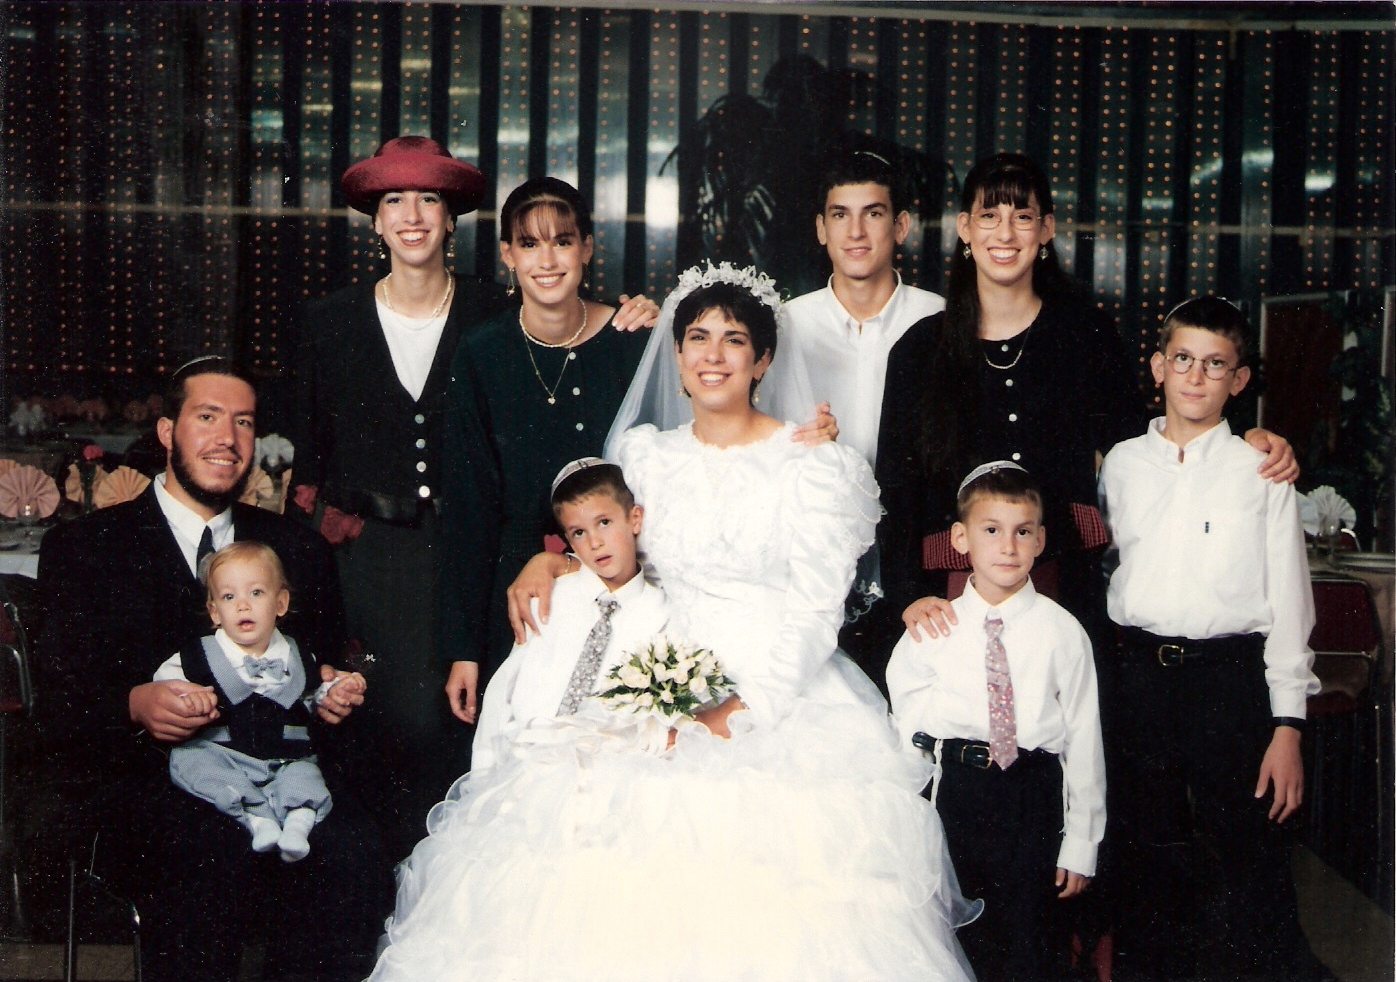 אלול תשנז המשפחה הגרעינית בחתונה של מיכל וחמי